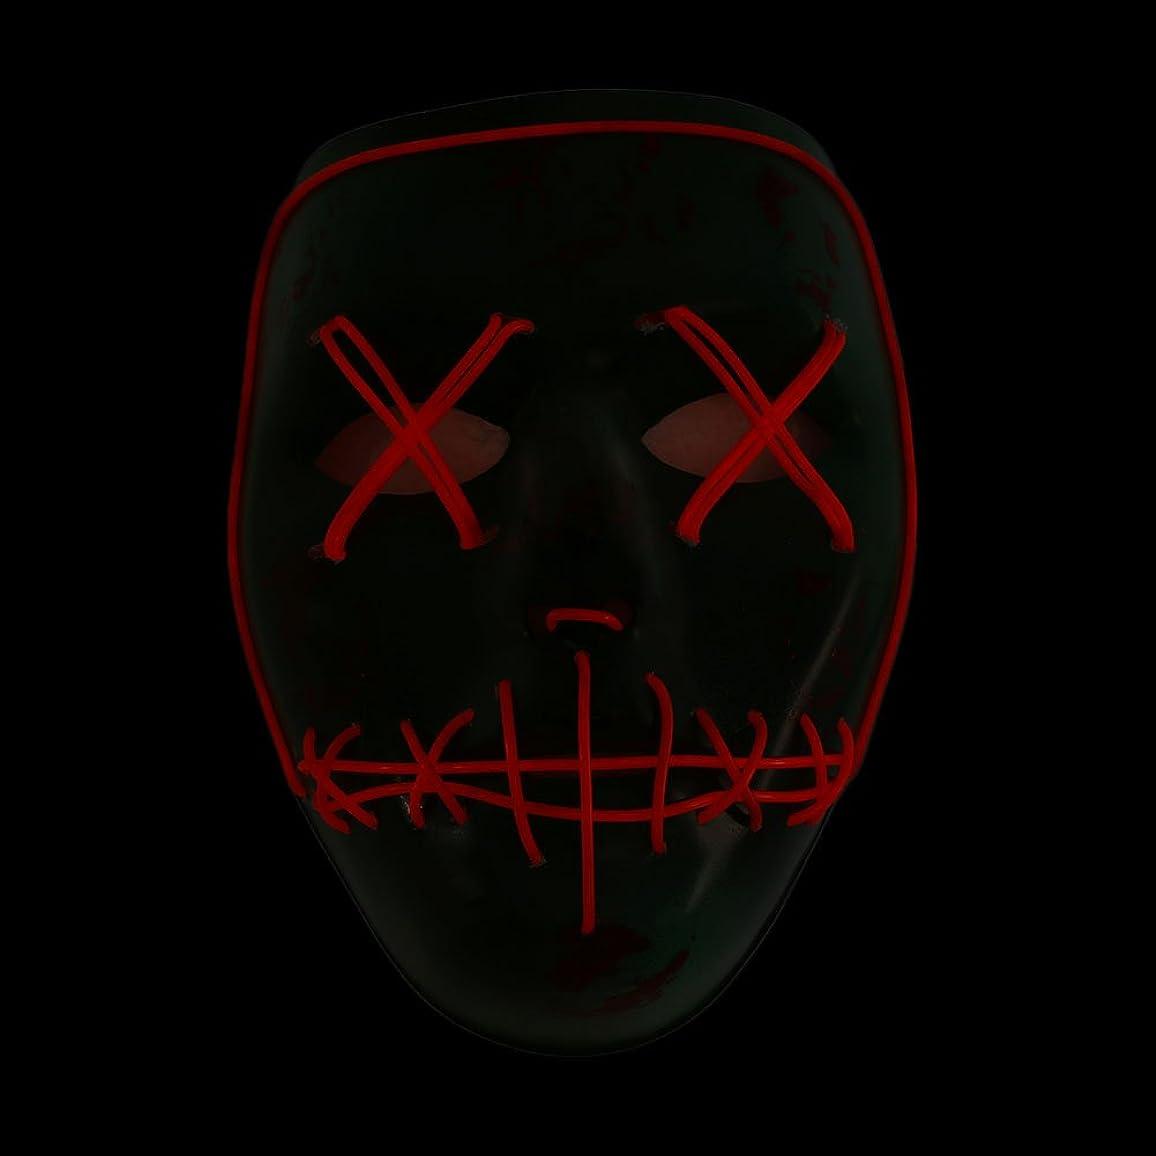 治安判事かまどメナジェリーAuntwhale ハロウィーンマスク大人恐怖コスチューム、光るゴーストフェイスファンシーマスカレードパーティーハロウィンマスク、フェスティバル通気性ギフトヘッドマスク